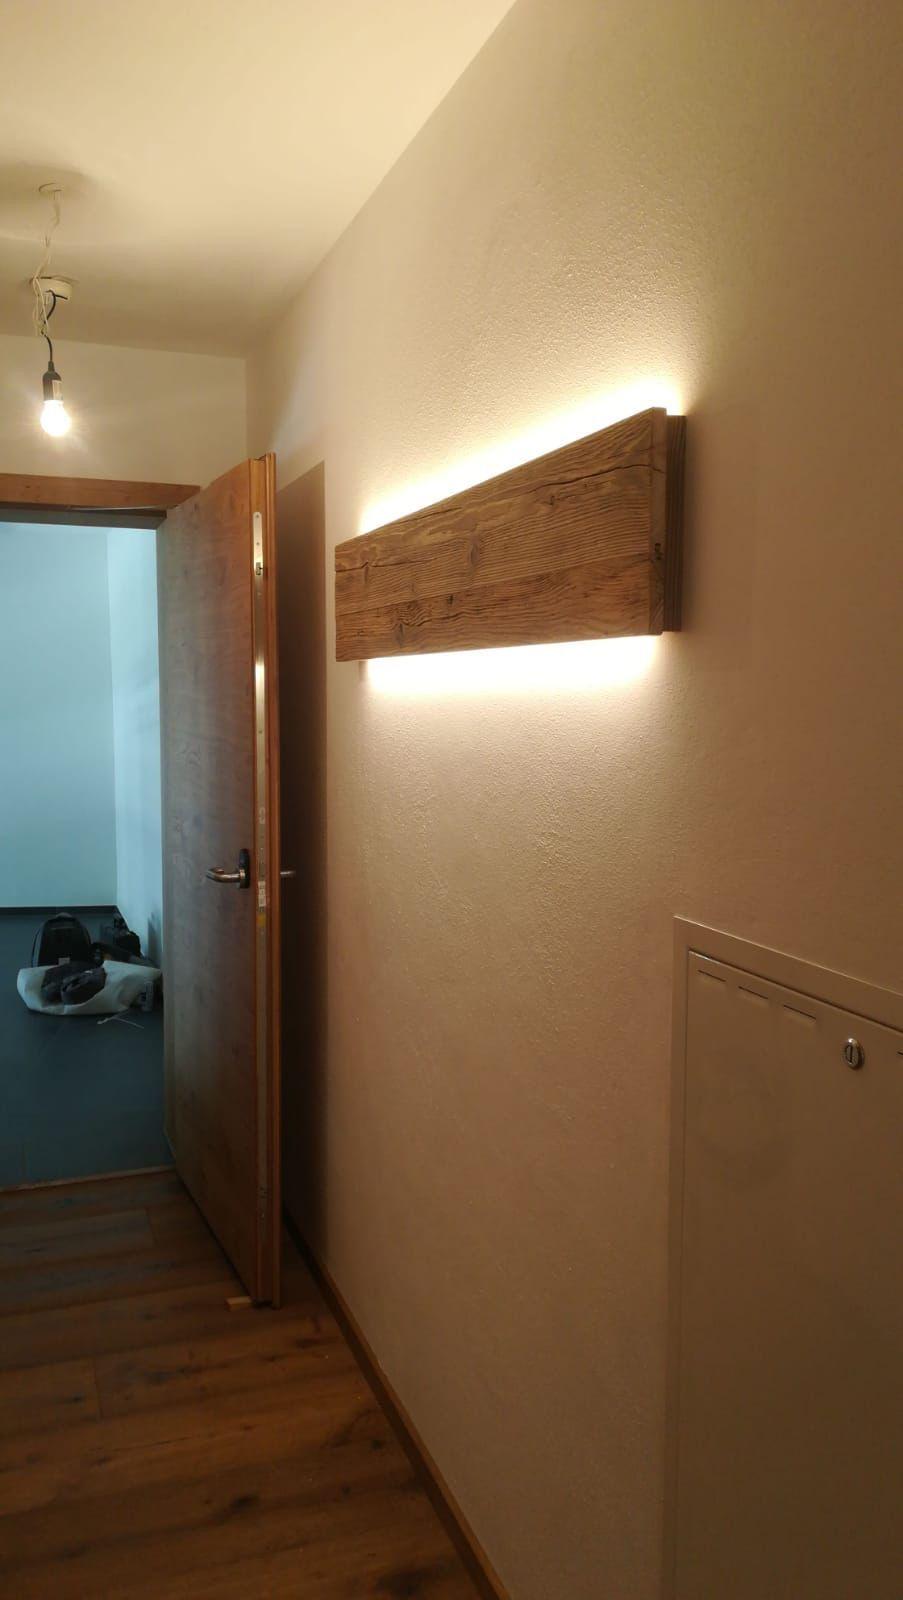 Wandlampe Altholz In 2020 Houten Inrichting Huis Ideeen Decoratie Verlichting Ideeen